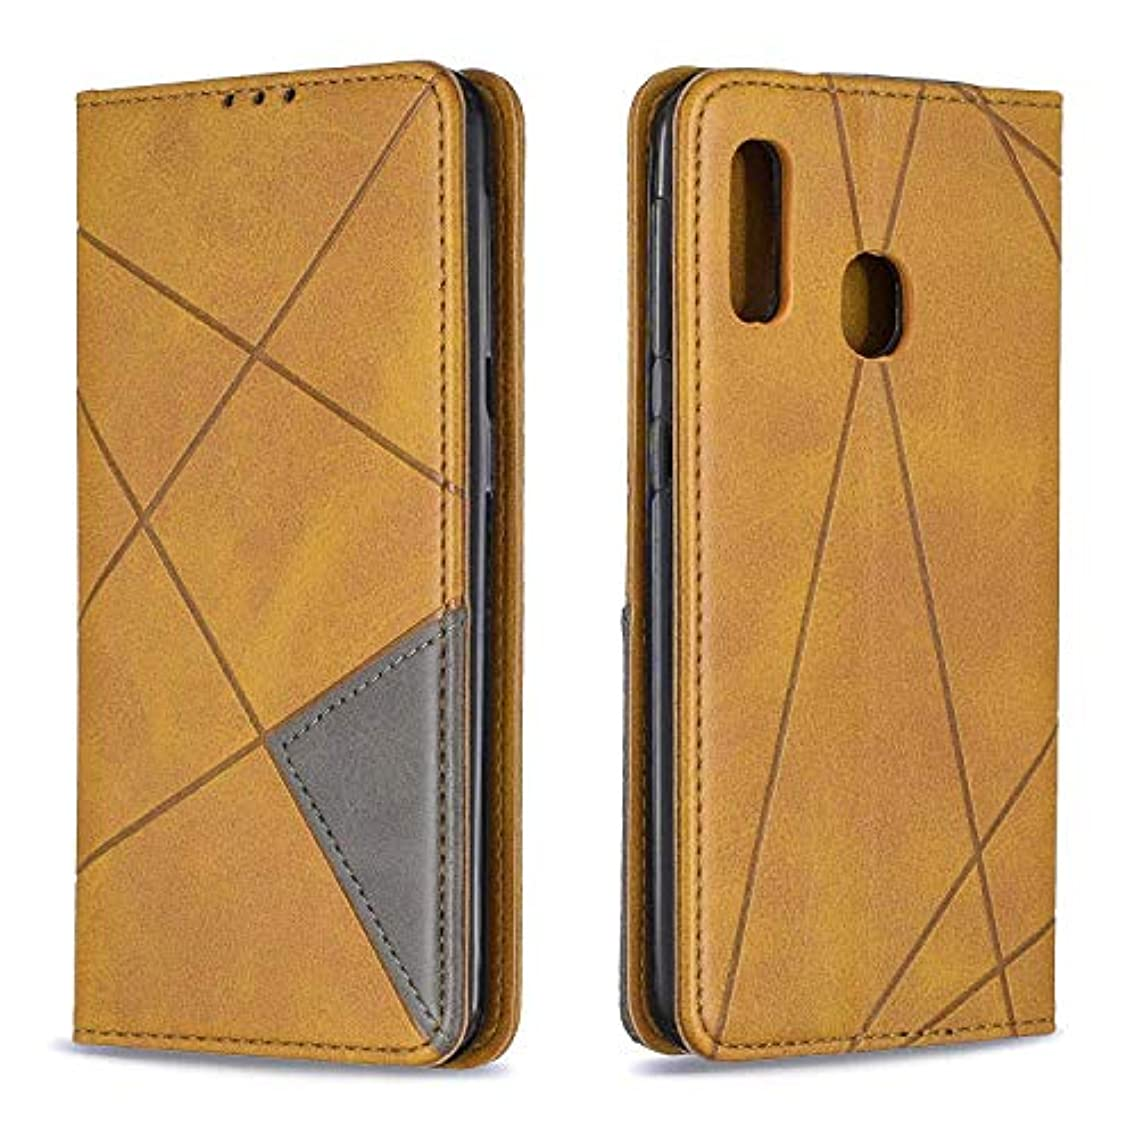 認める逃れるアレンジCUSKING Galaxy A10e ケース, 高級 Samsung Galaxy A10e 手帳型 スマホケース, PUレザー フリップ ノート型 カード収納 付き保護ケース, イエロー